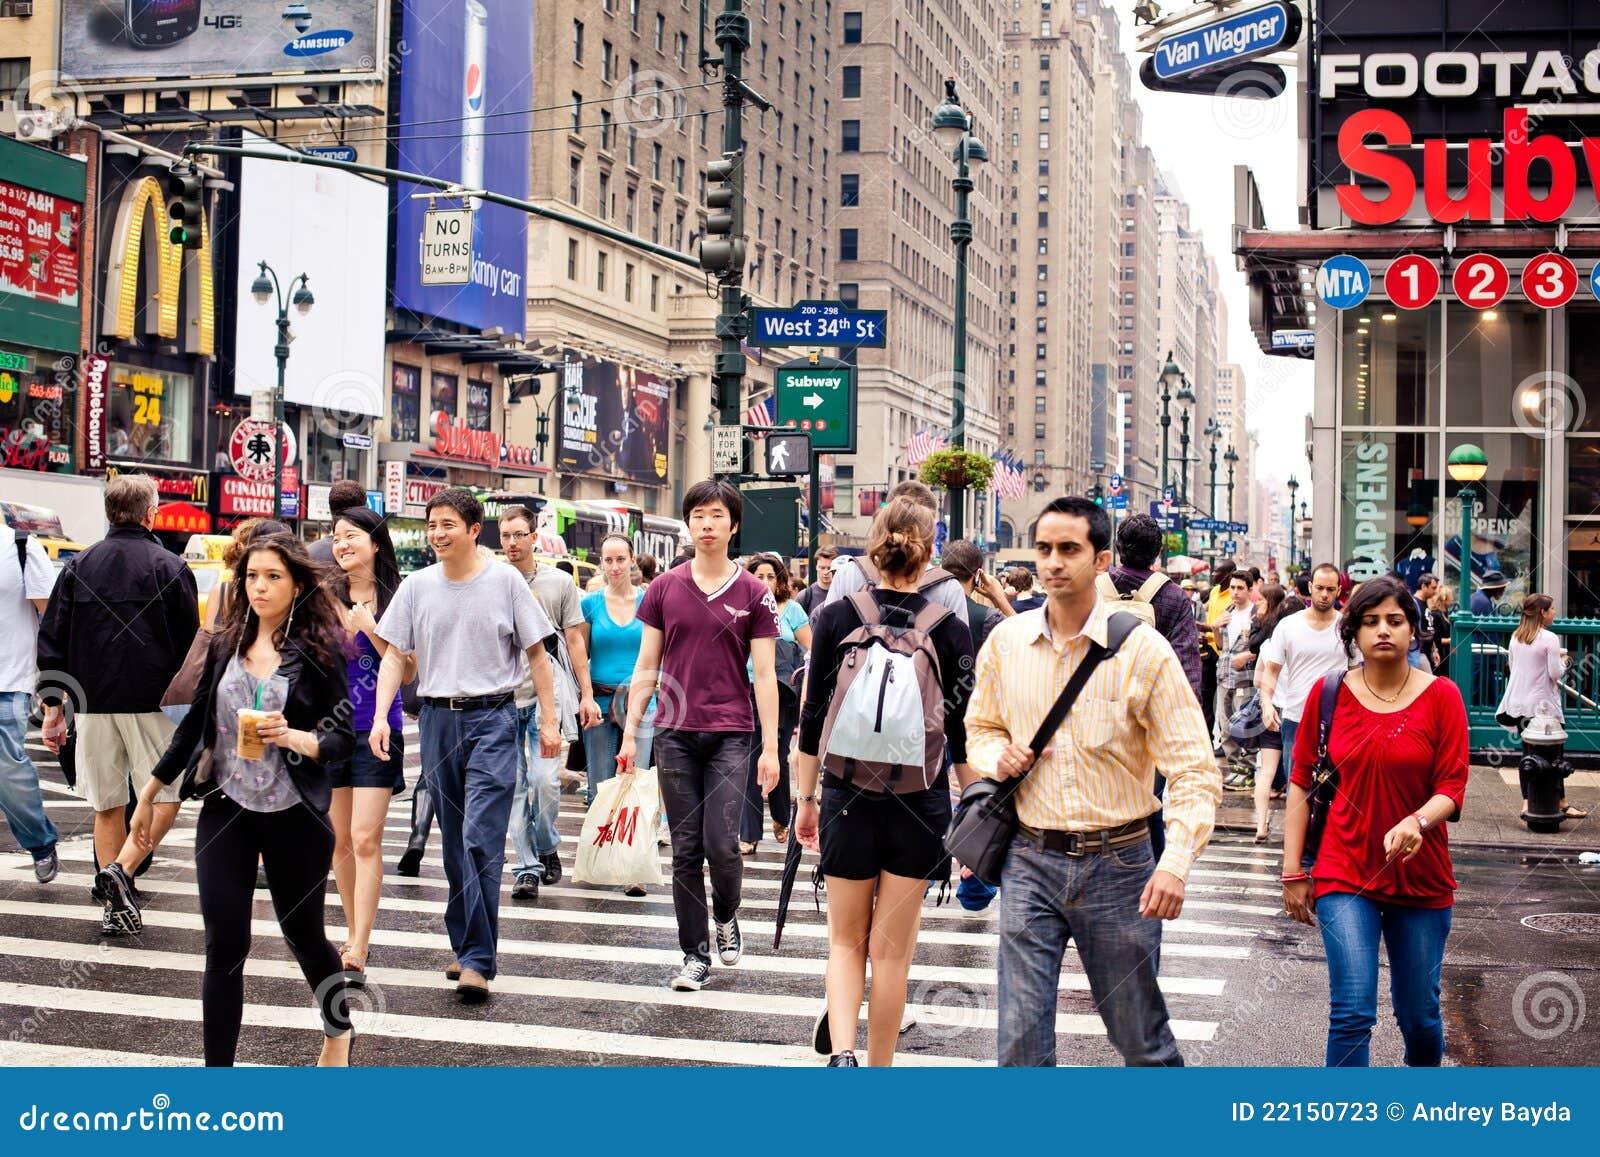 Les gens traversant la rue à New York